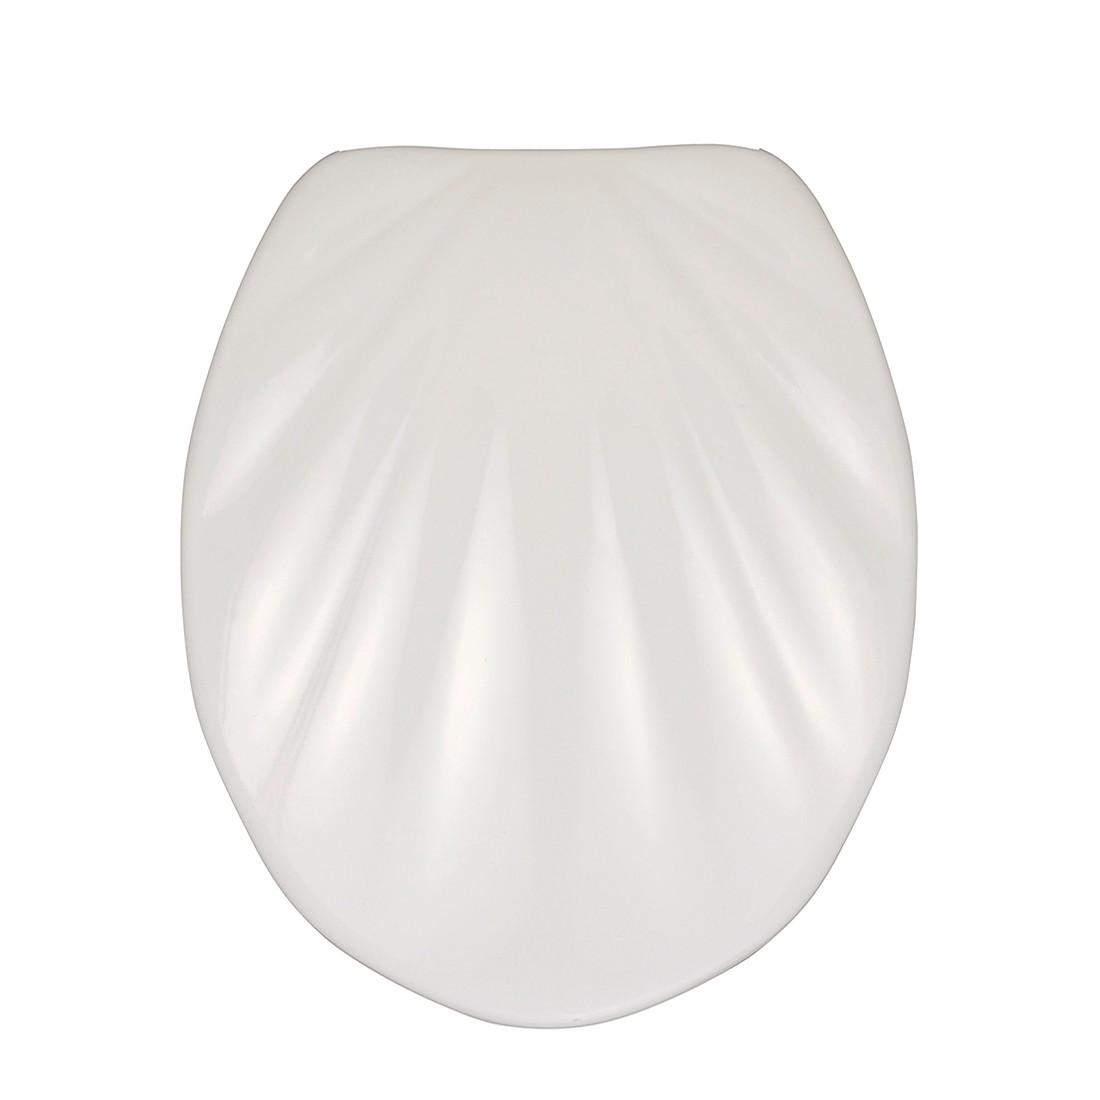 Premium WC-Sitz Muschel (Absenkautomatik), WENKO günstig bestellen